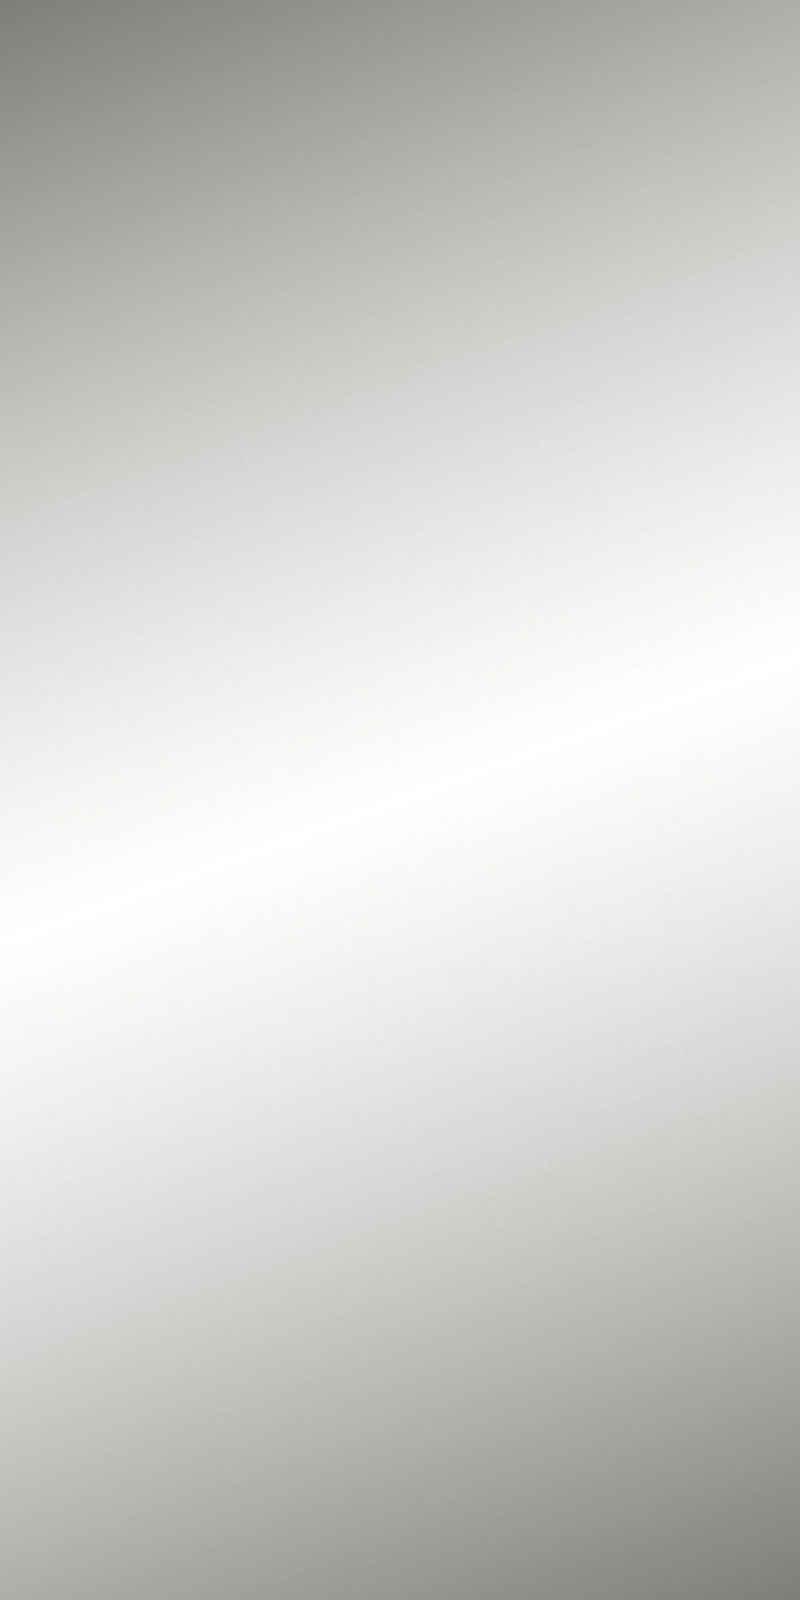 Papermoon Infrarotheizung »EcoHeat - Spiegel«, Spiegel, 750 W, 66x126 cm, rahmenlos, energiesparendes Heizen für angenehme, gesunde und gleichmäßige Wärme